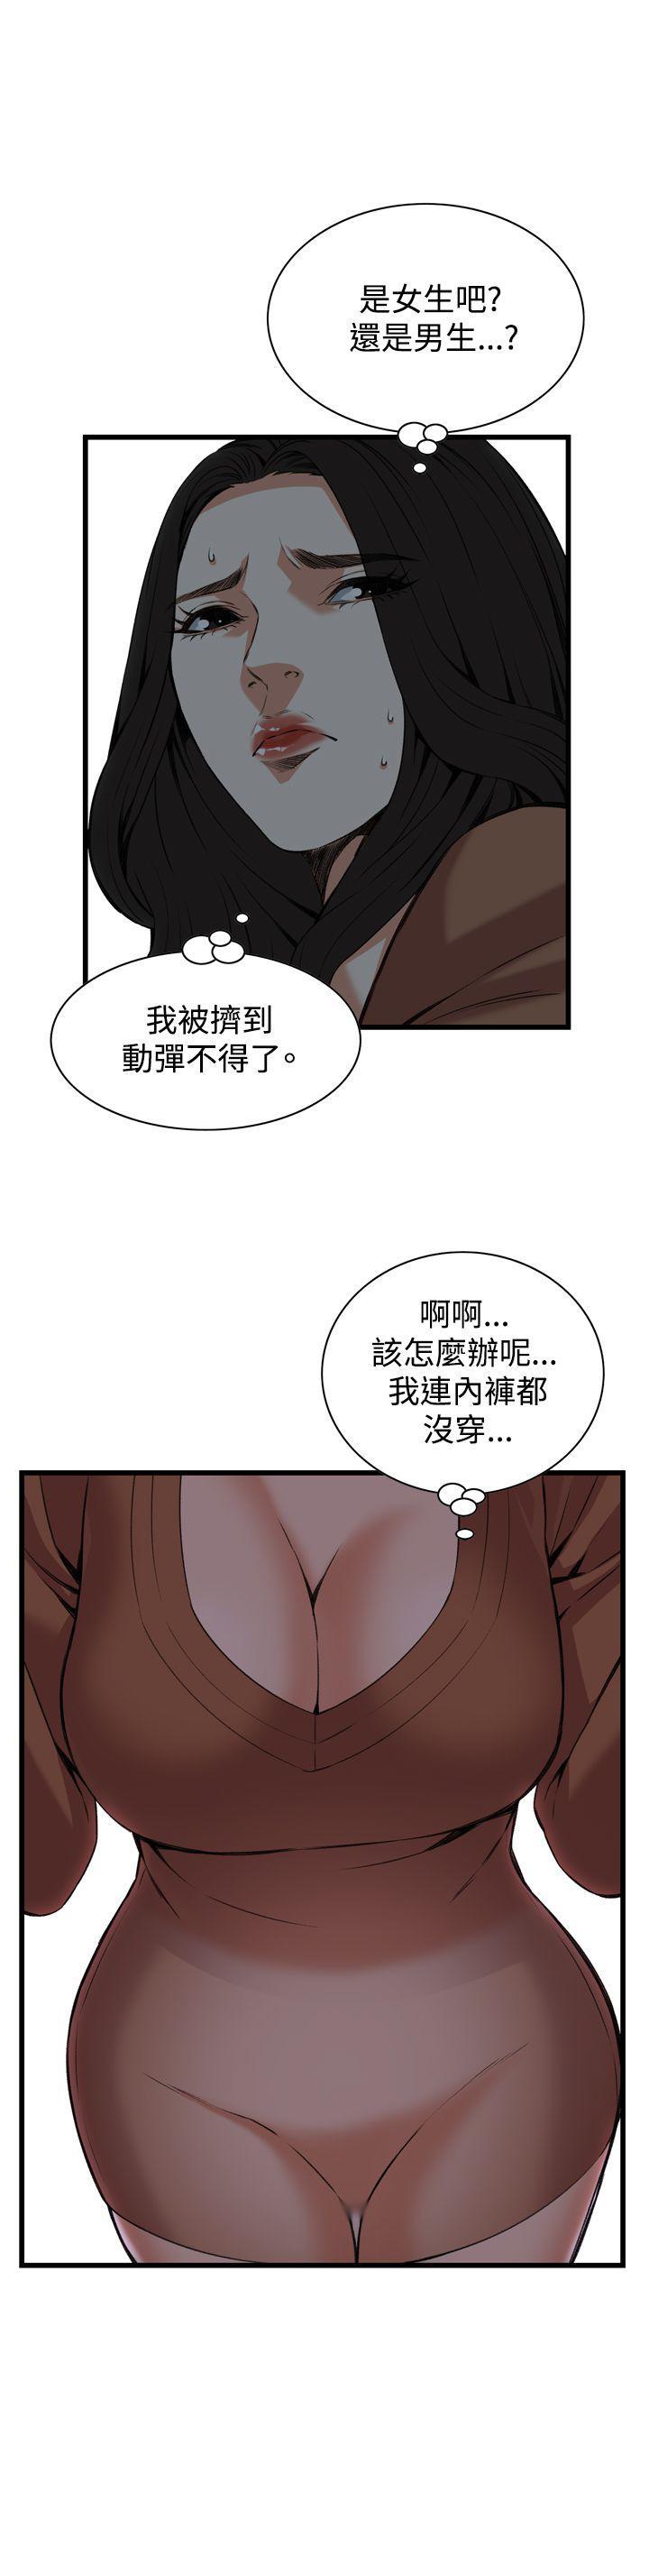 偷窥72-93 Chinese Rsiky 430